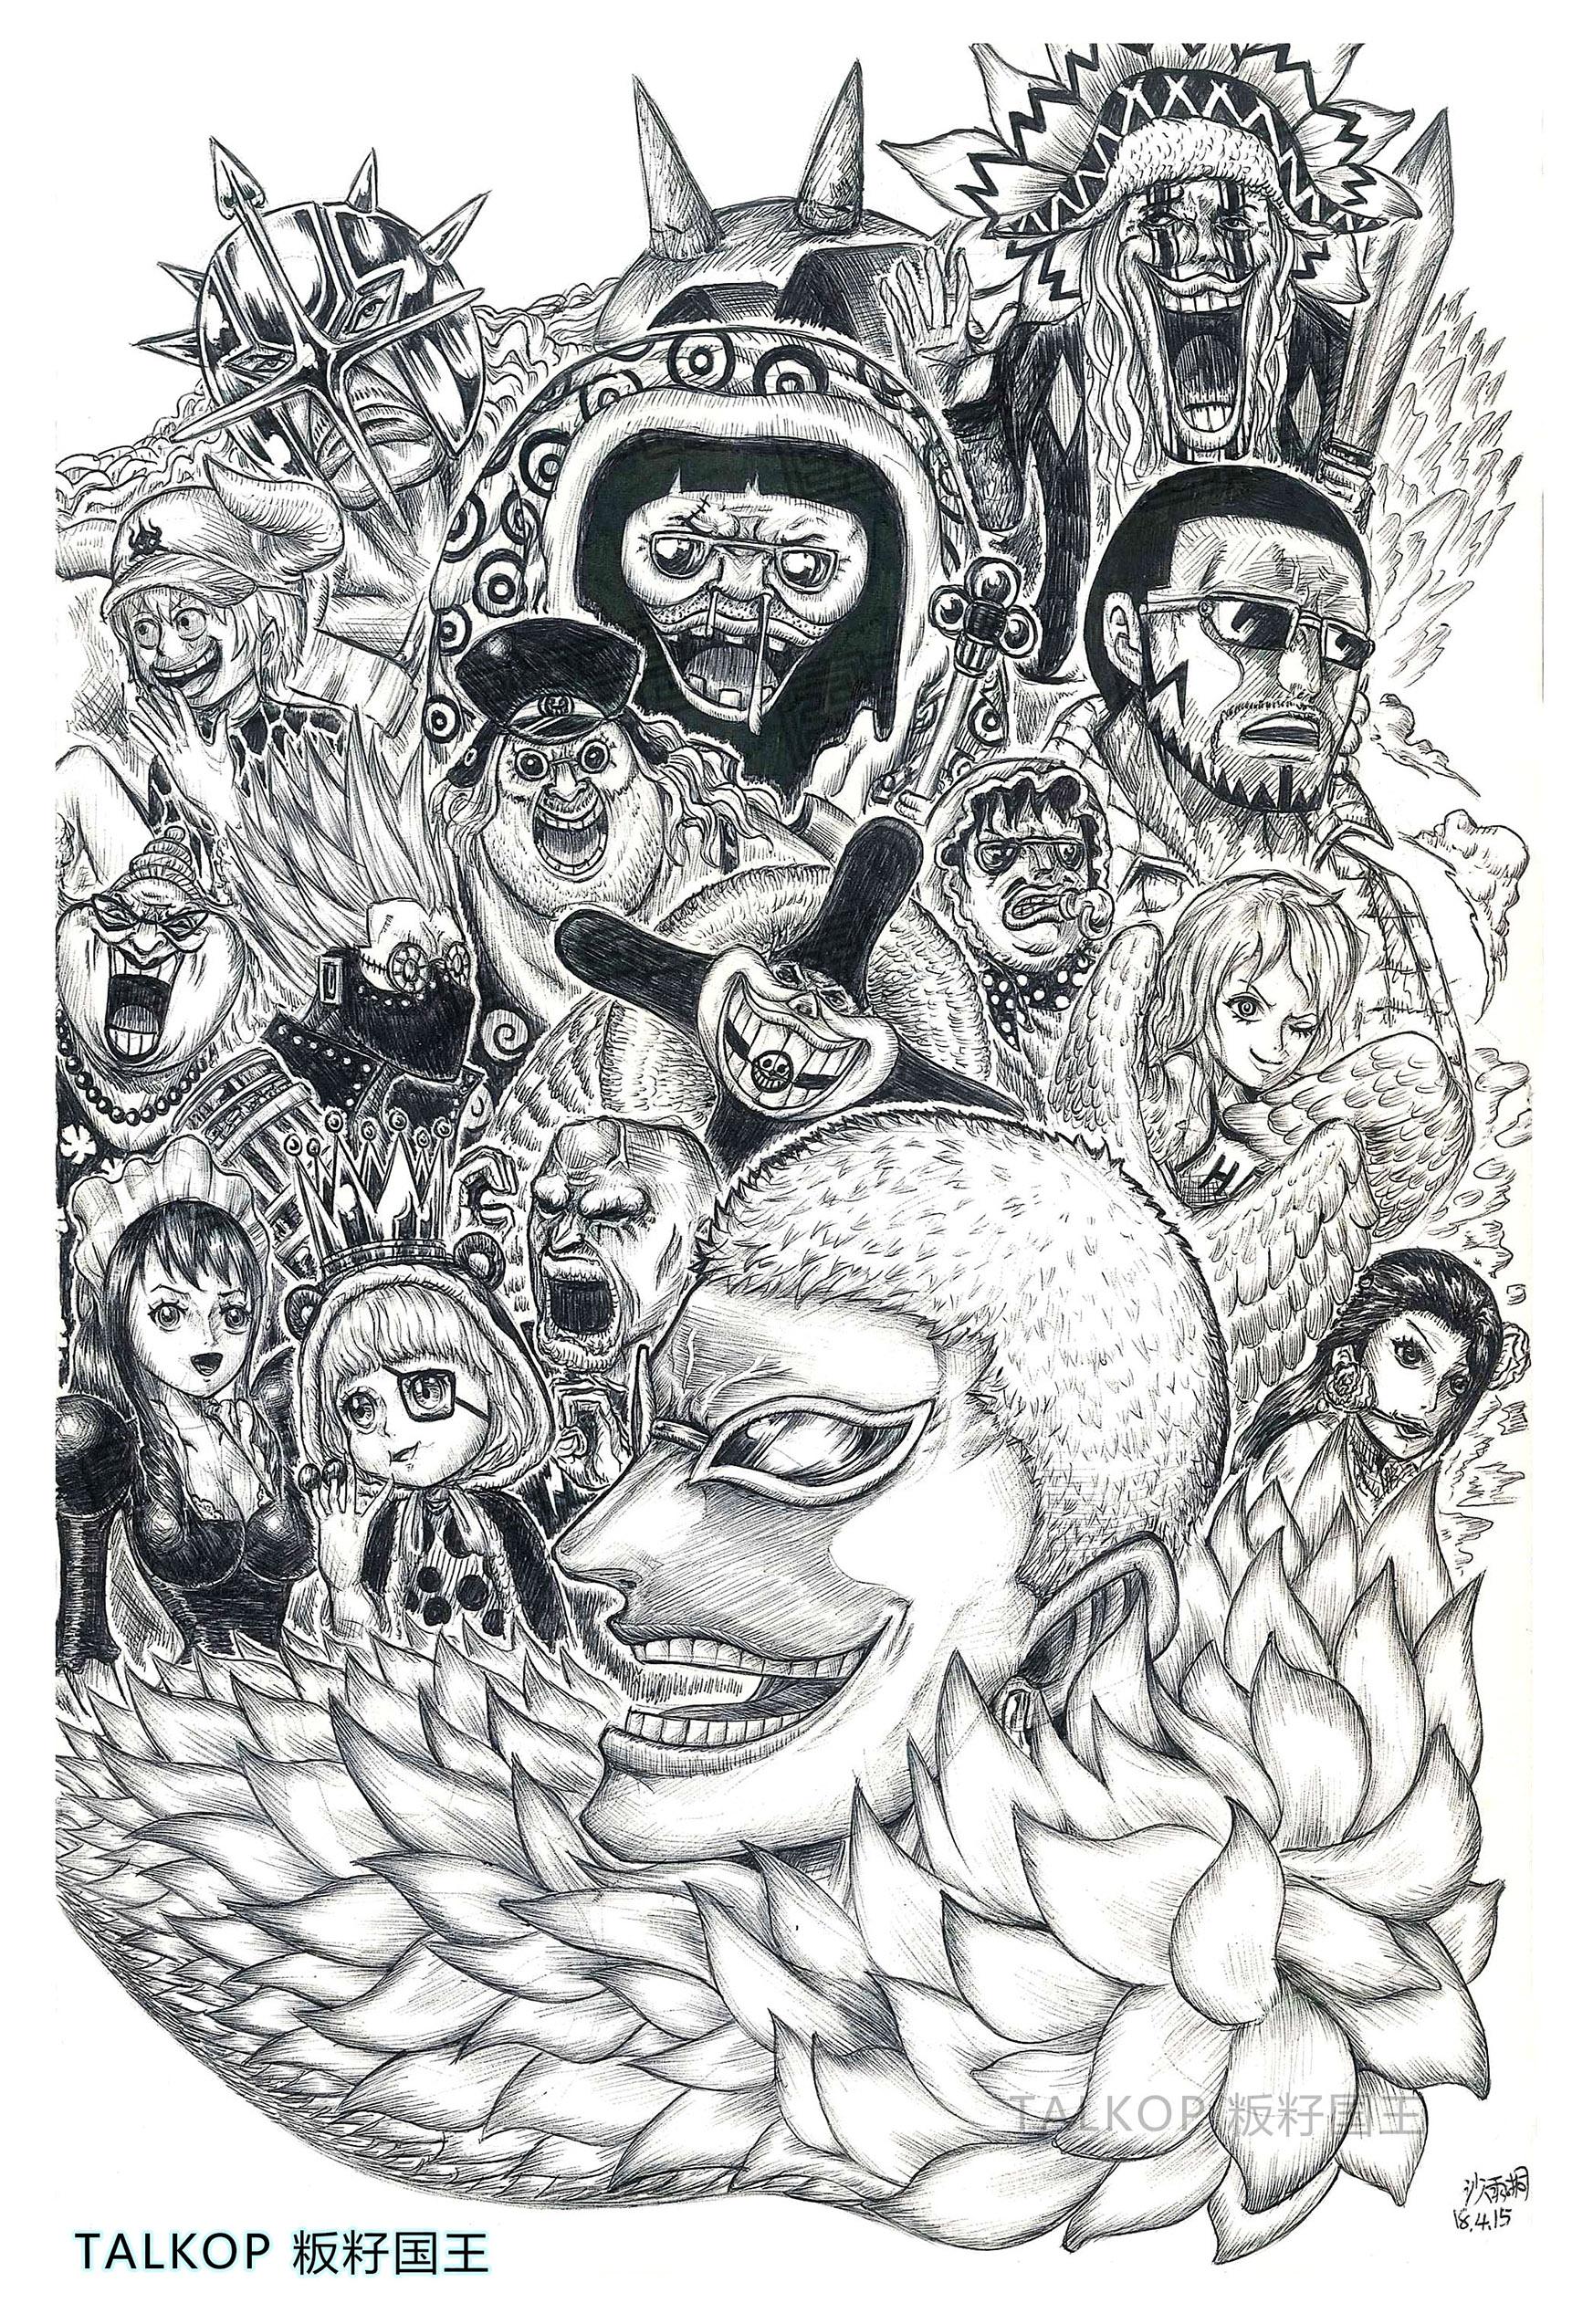 18-4-12 海贼王人物系列-明哥家族-插画 沙雨桐 圆珠笔.jpg